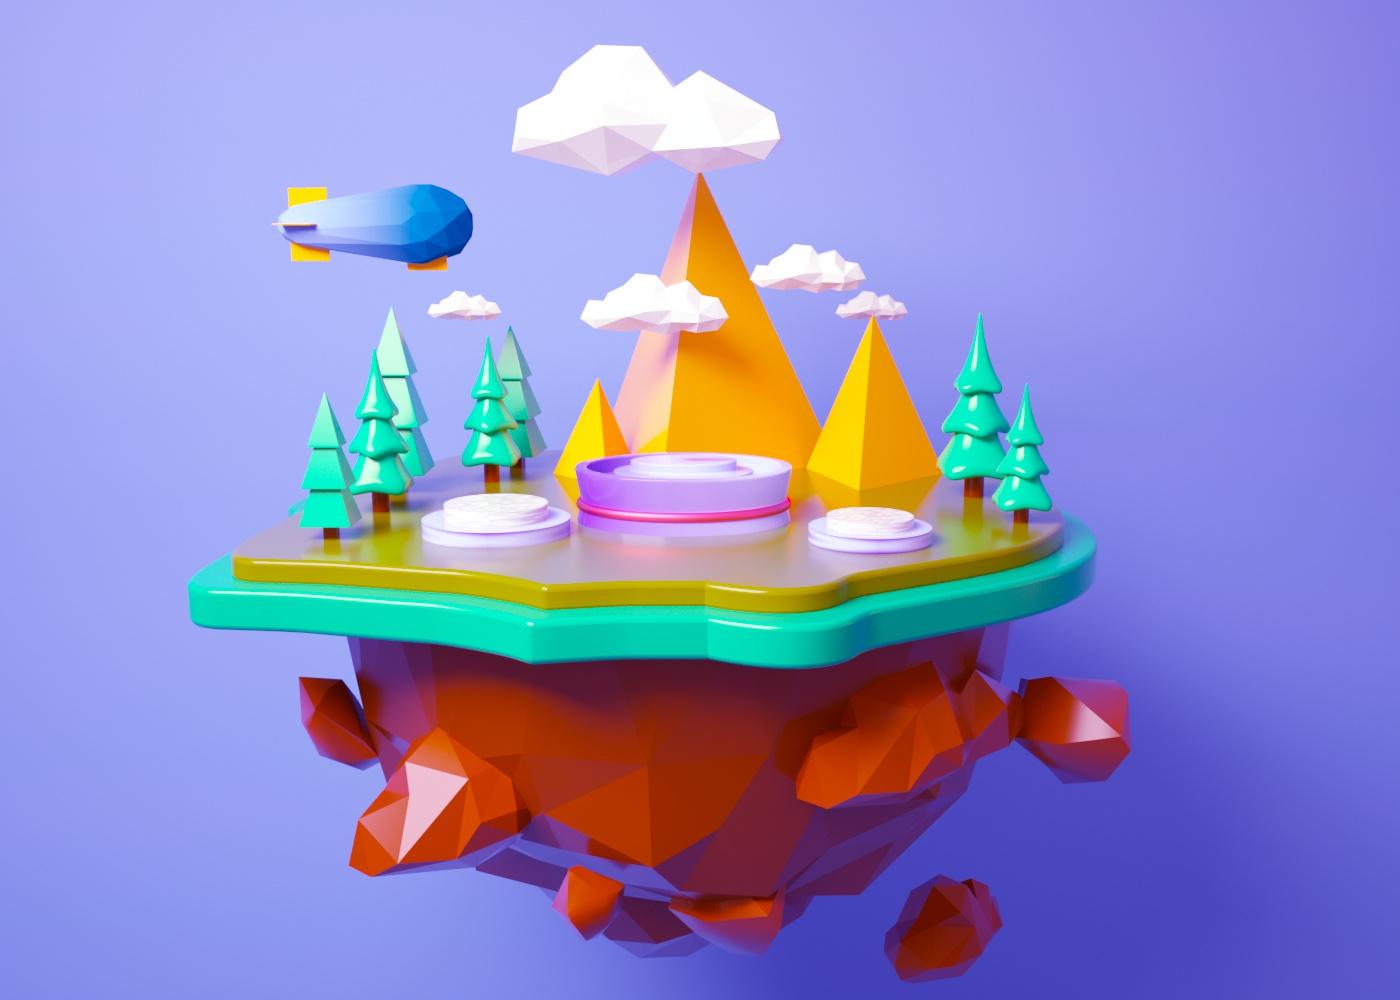 C4D模型悬浮立体森林小岛热气球旅行032.jpg